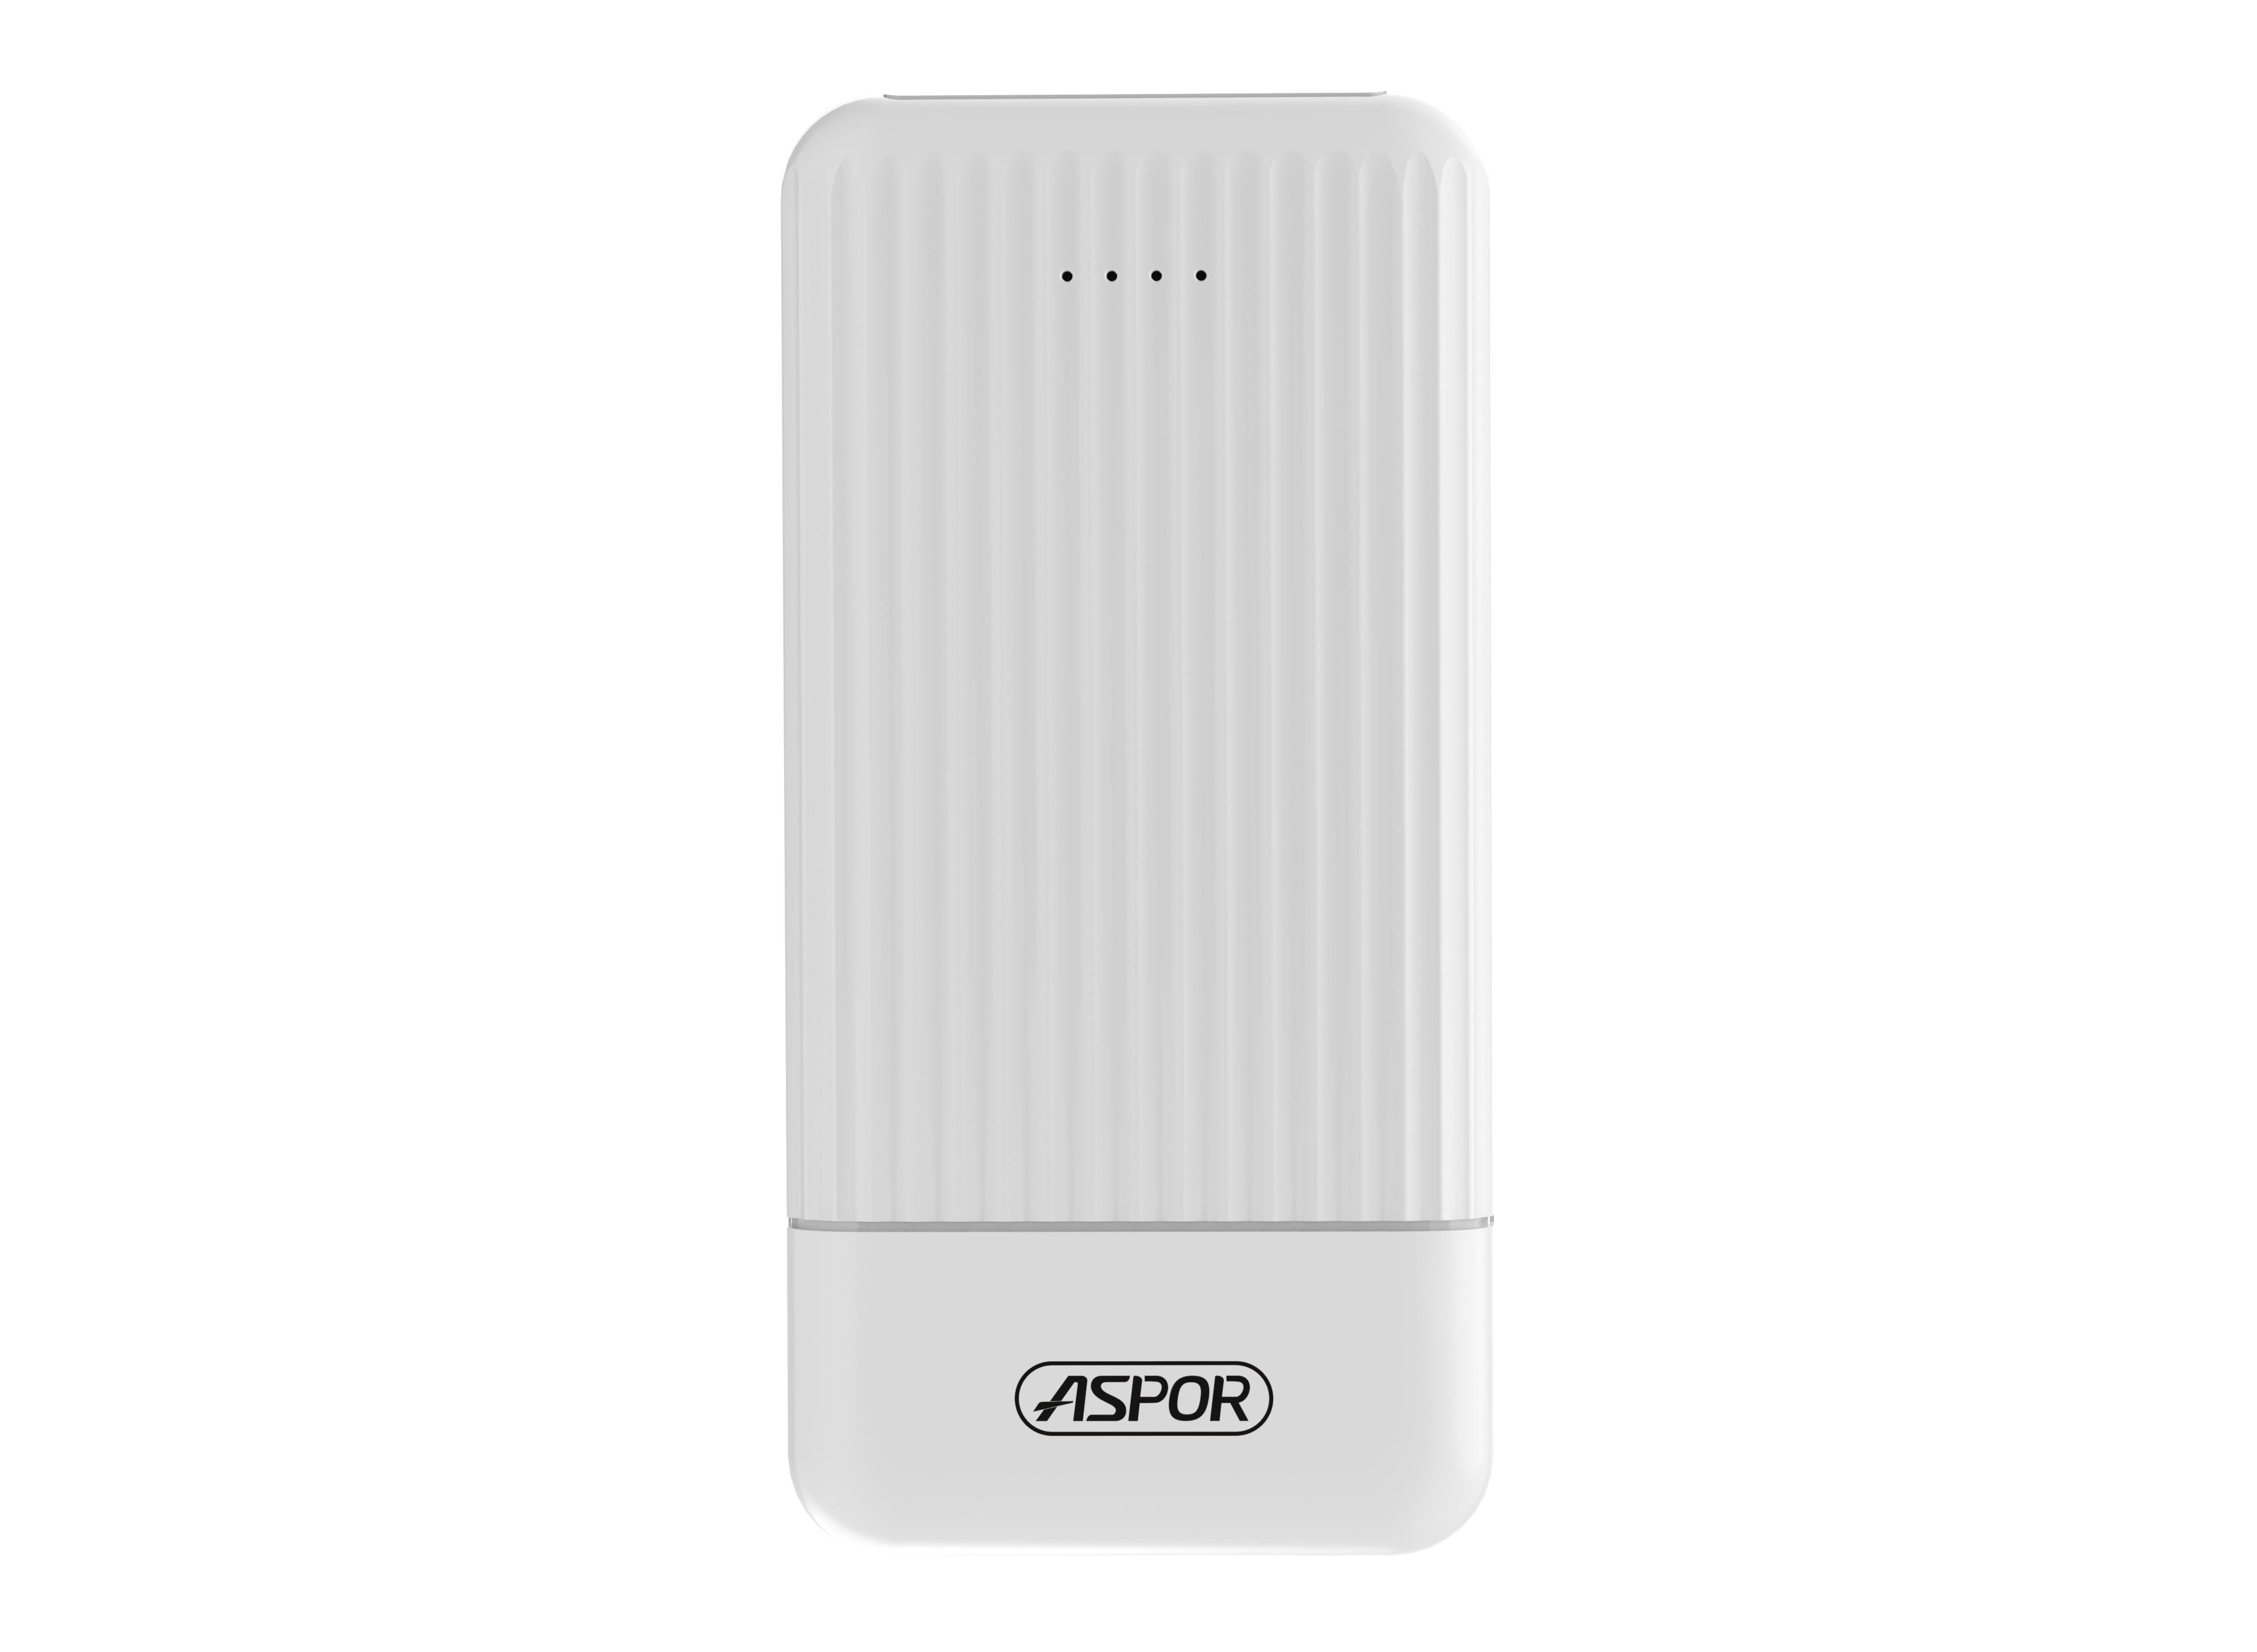 Aspor 10000Mah Li Polymer Fast Charging Mobile Power Bank White A335